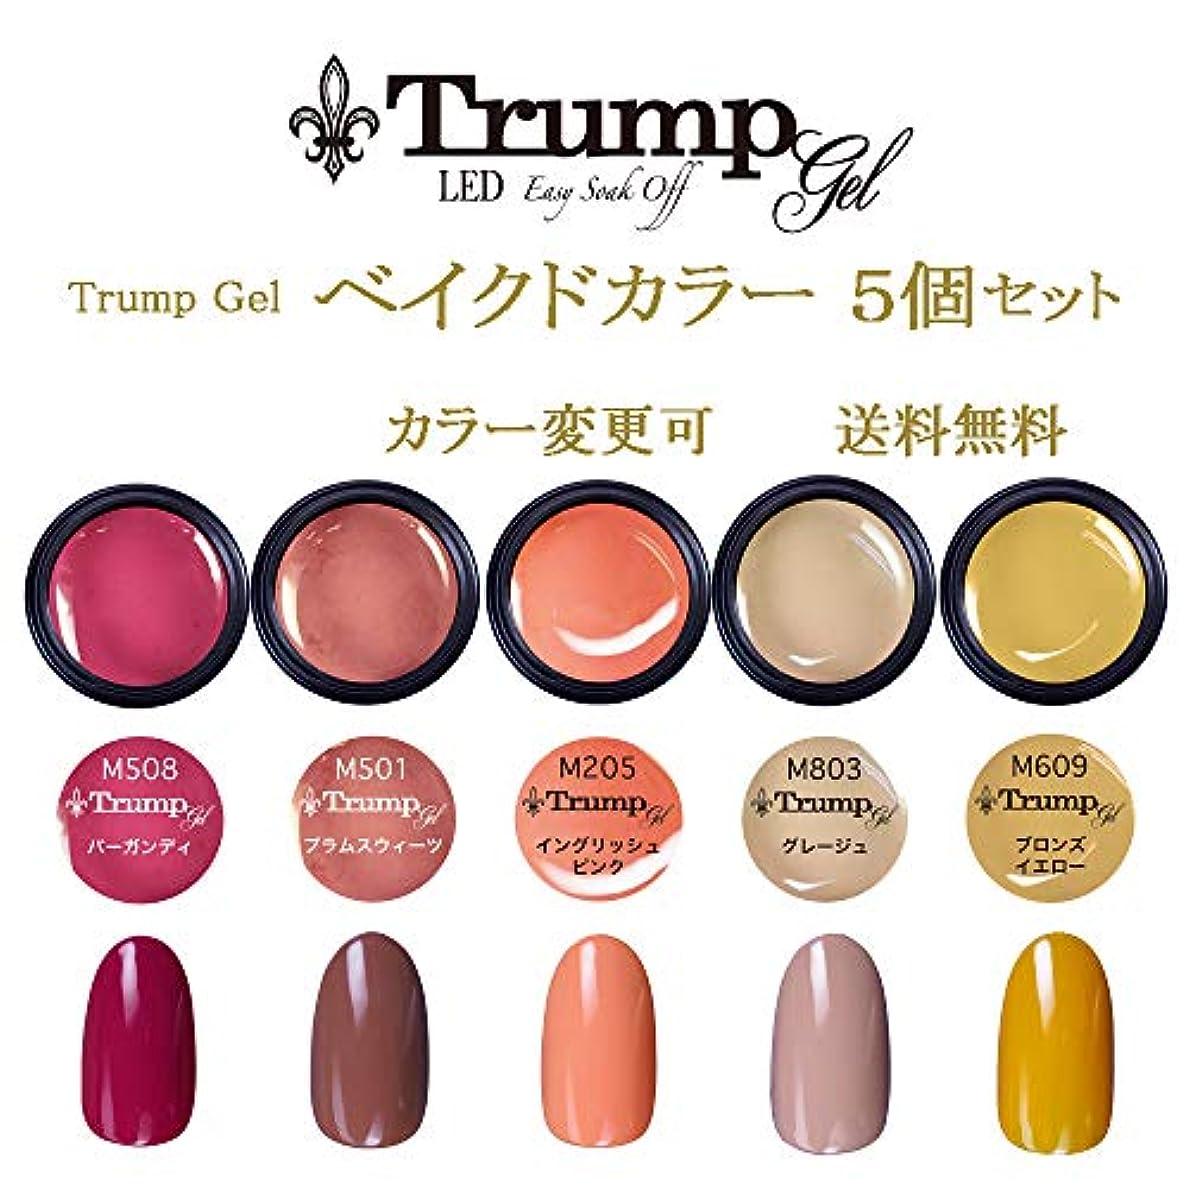 把握ブロックする喜び【送料無料】日本製 Trump gel トランプジェル ベイクドカラー 選べる カラージェル 5個セット ミルキーネイル ベージュ オレンジ カラー